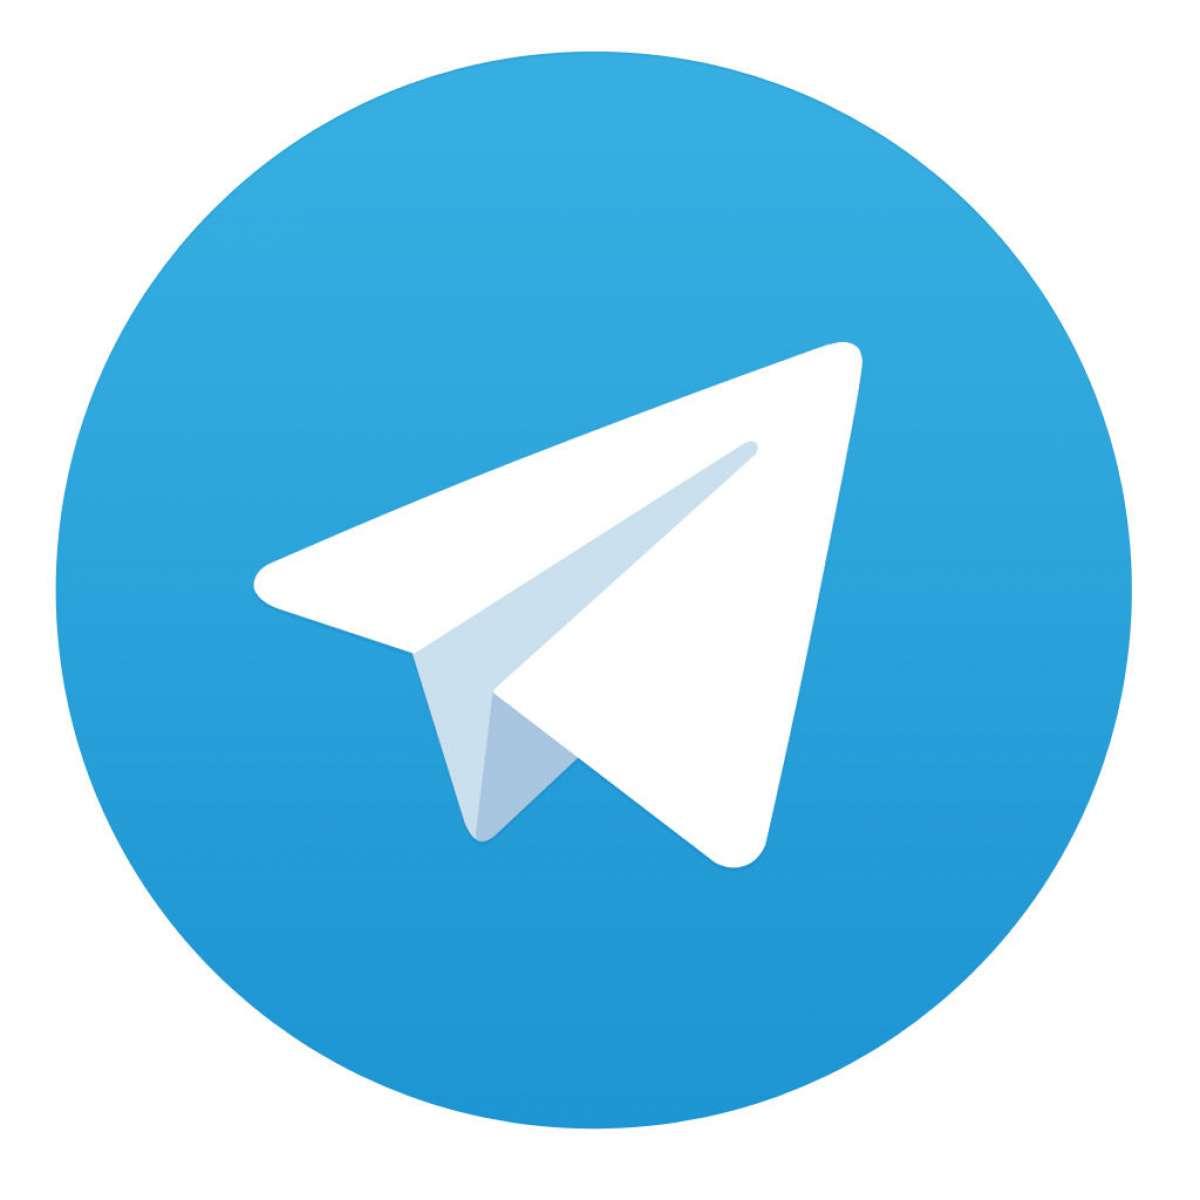 برای پست کانال ها در تلگرام کامنت بگذارید!